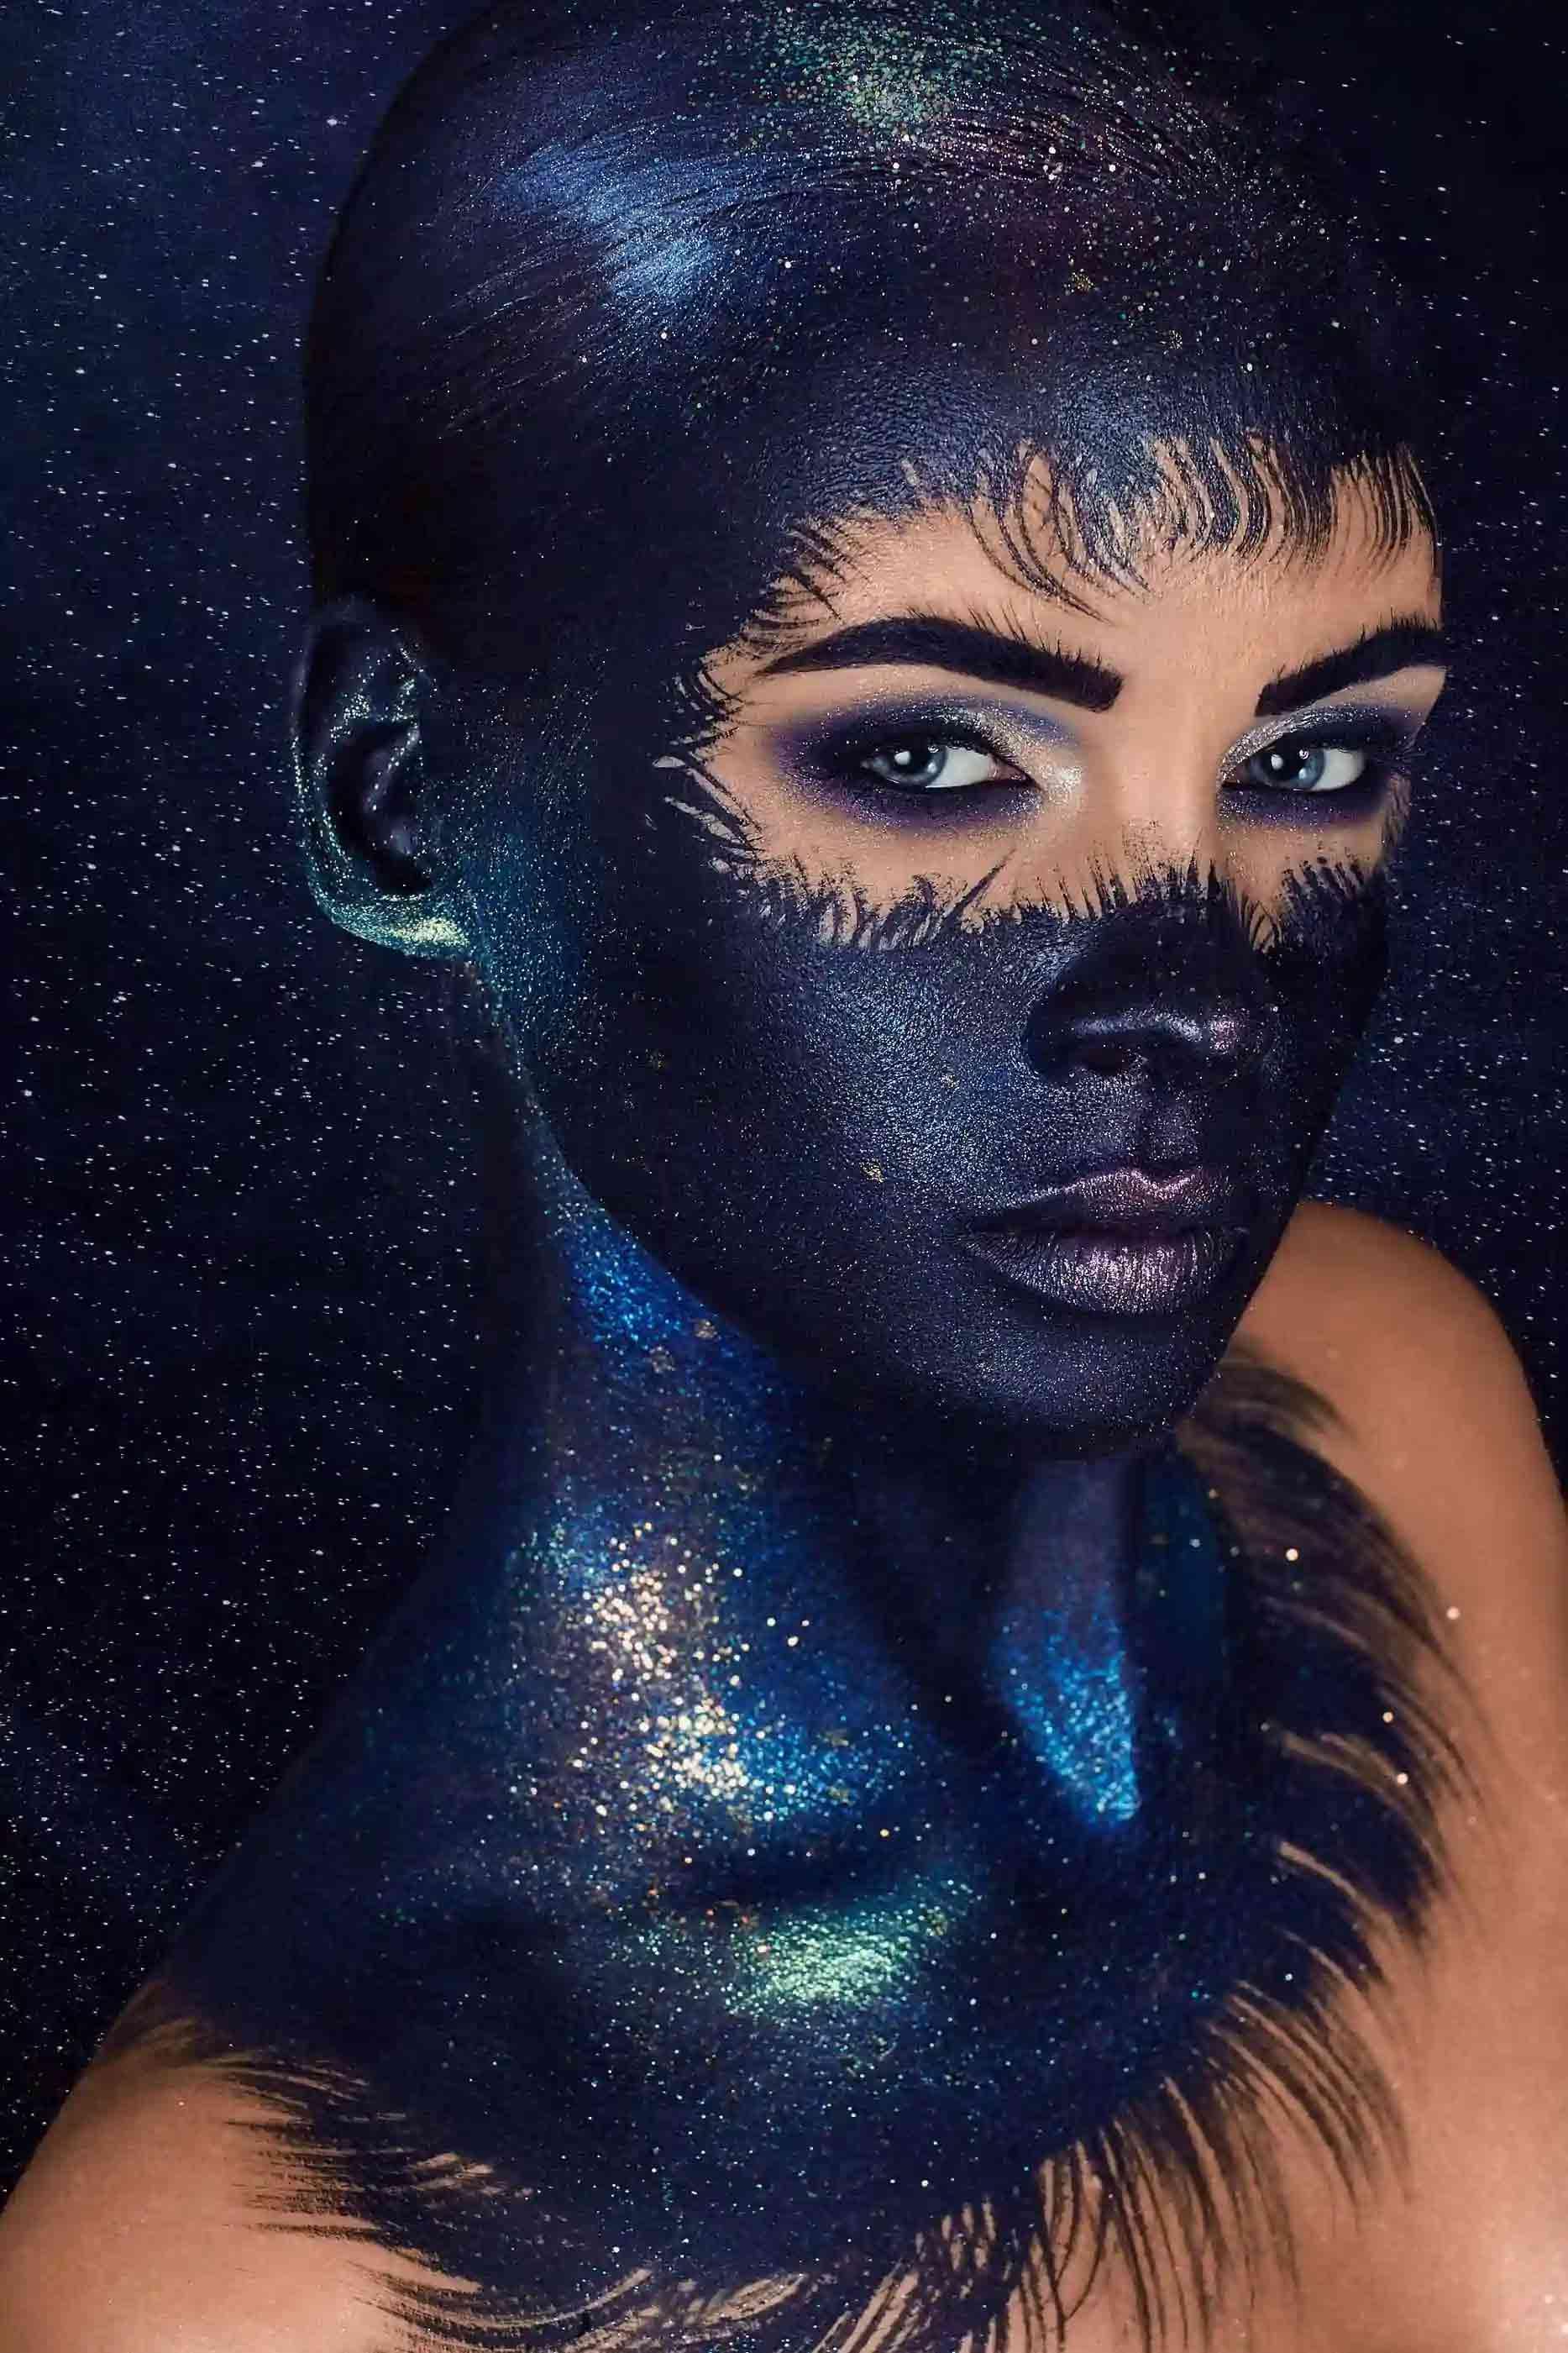 Pełen makijaż ciała przedstawiający gwiazdy i otchłań kosmosu wykonany na modelce o regularnych rysach